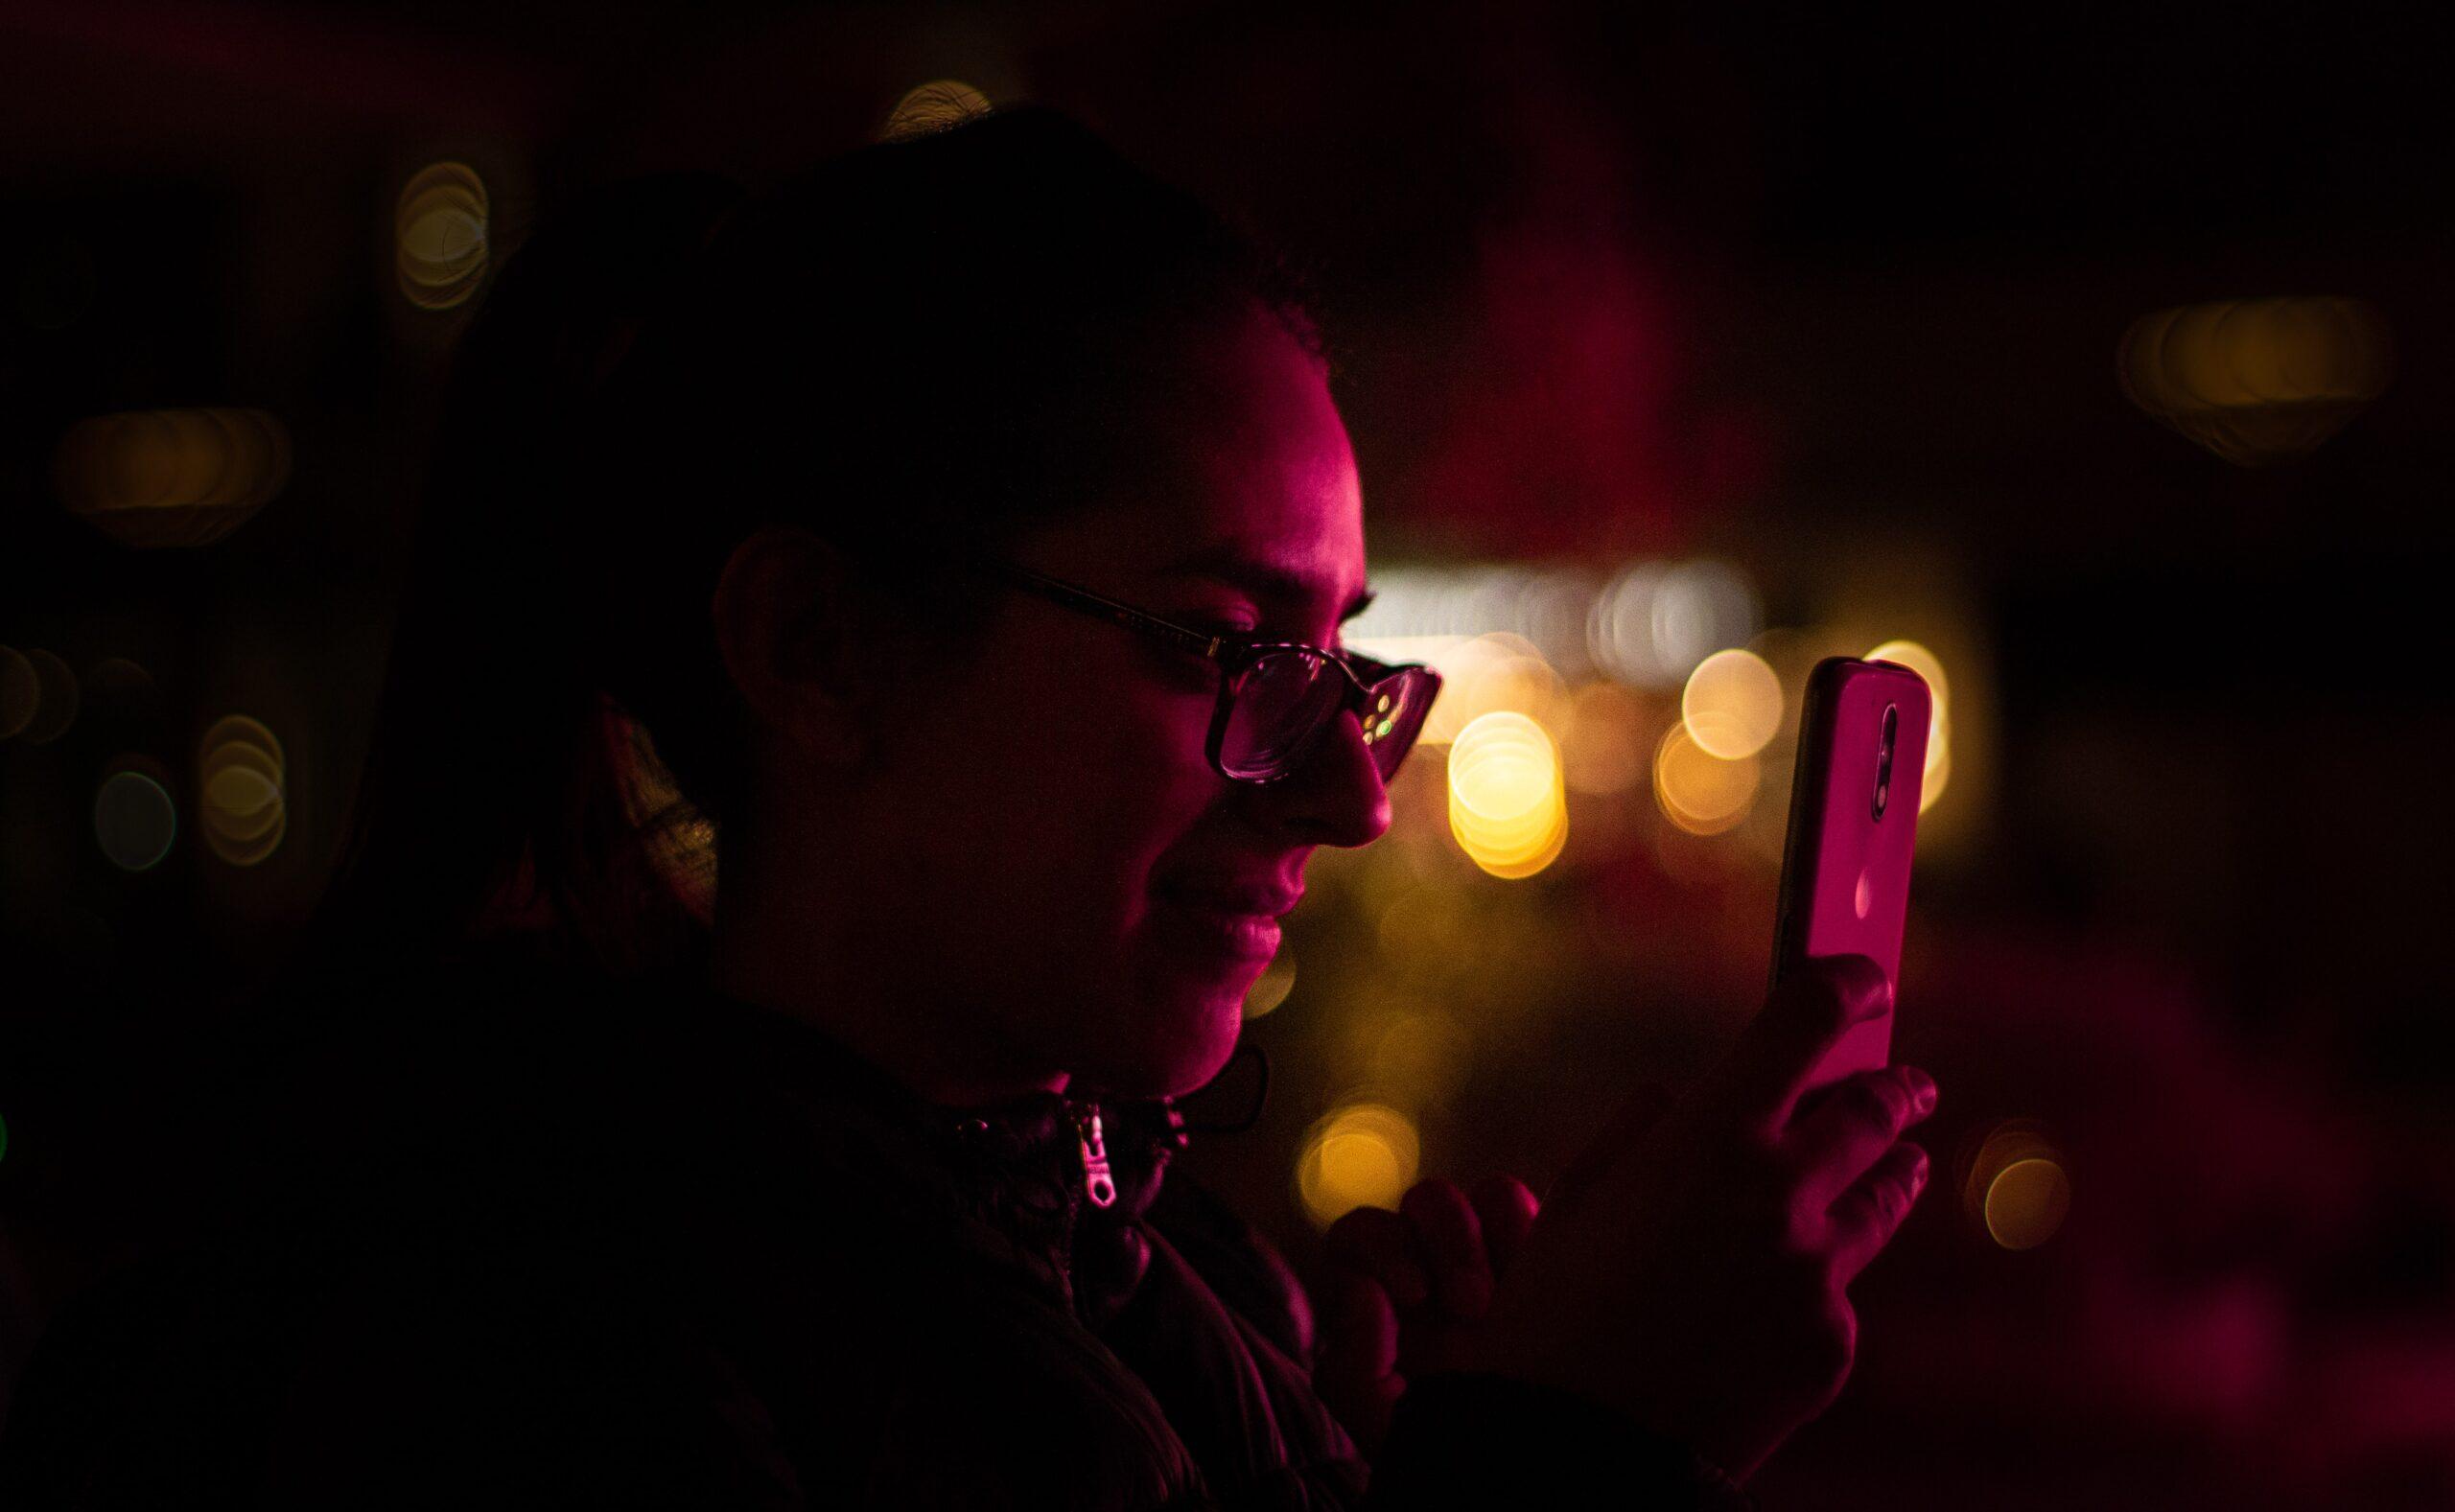 Telefon bağımlılığından nasıl kurtulunur?